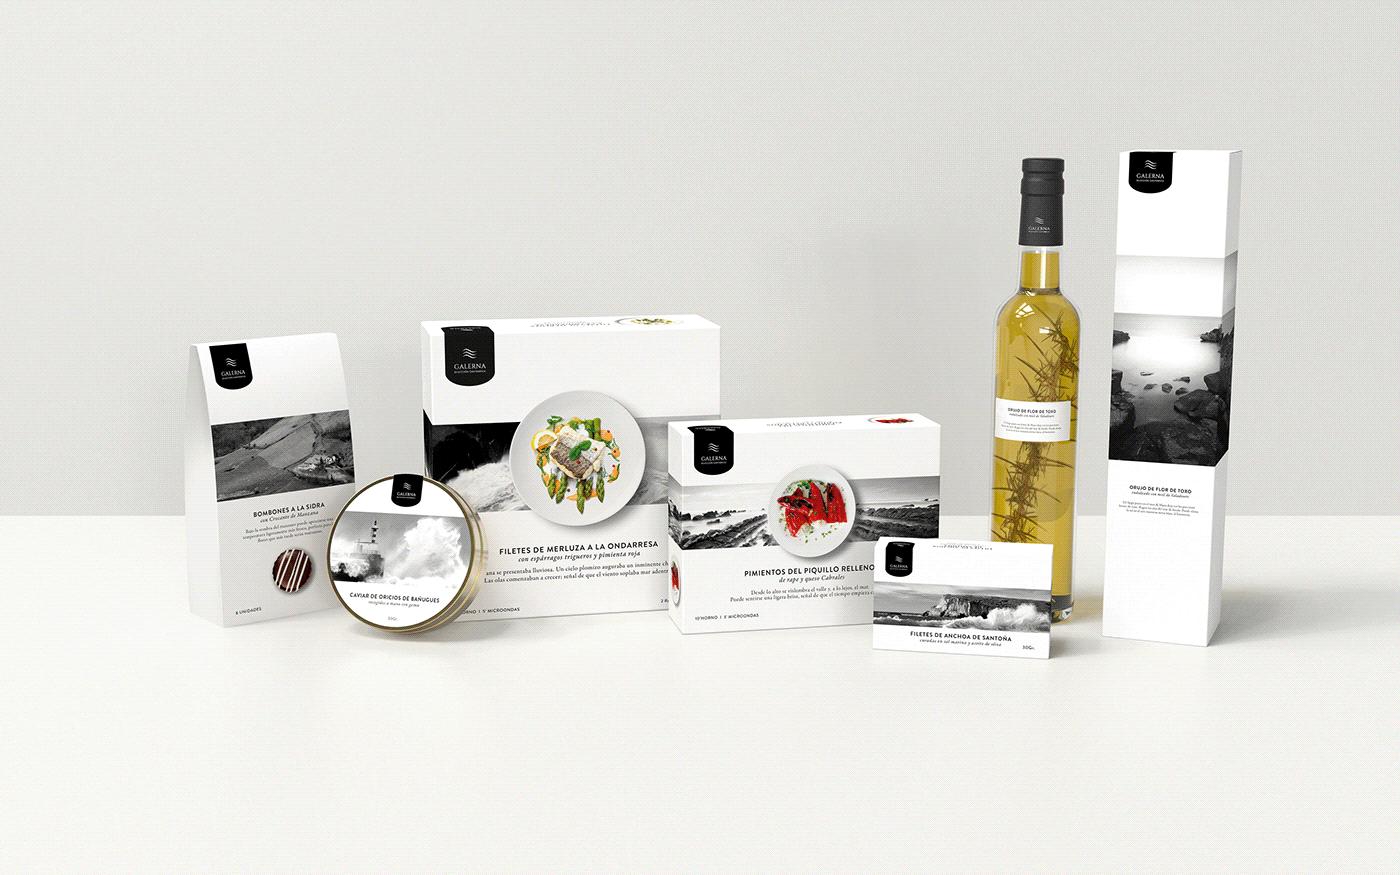 gourmet packaging gourmet elisava Packaging gourmet food Food  delicatessen fish spain photo